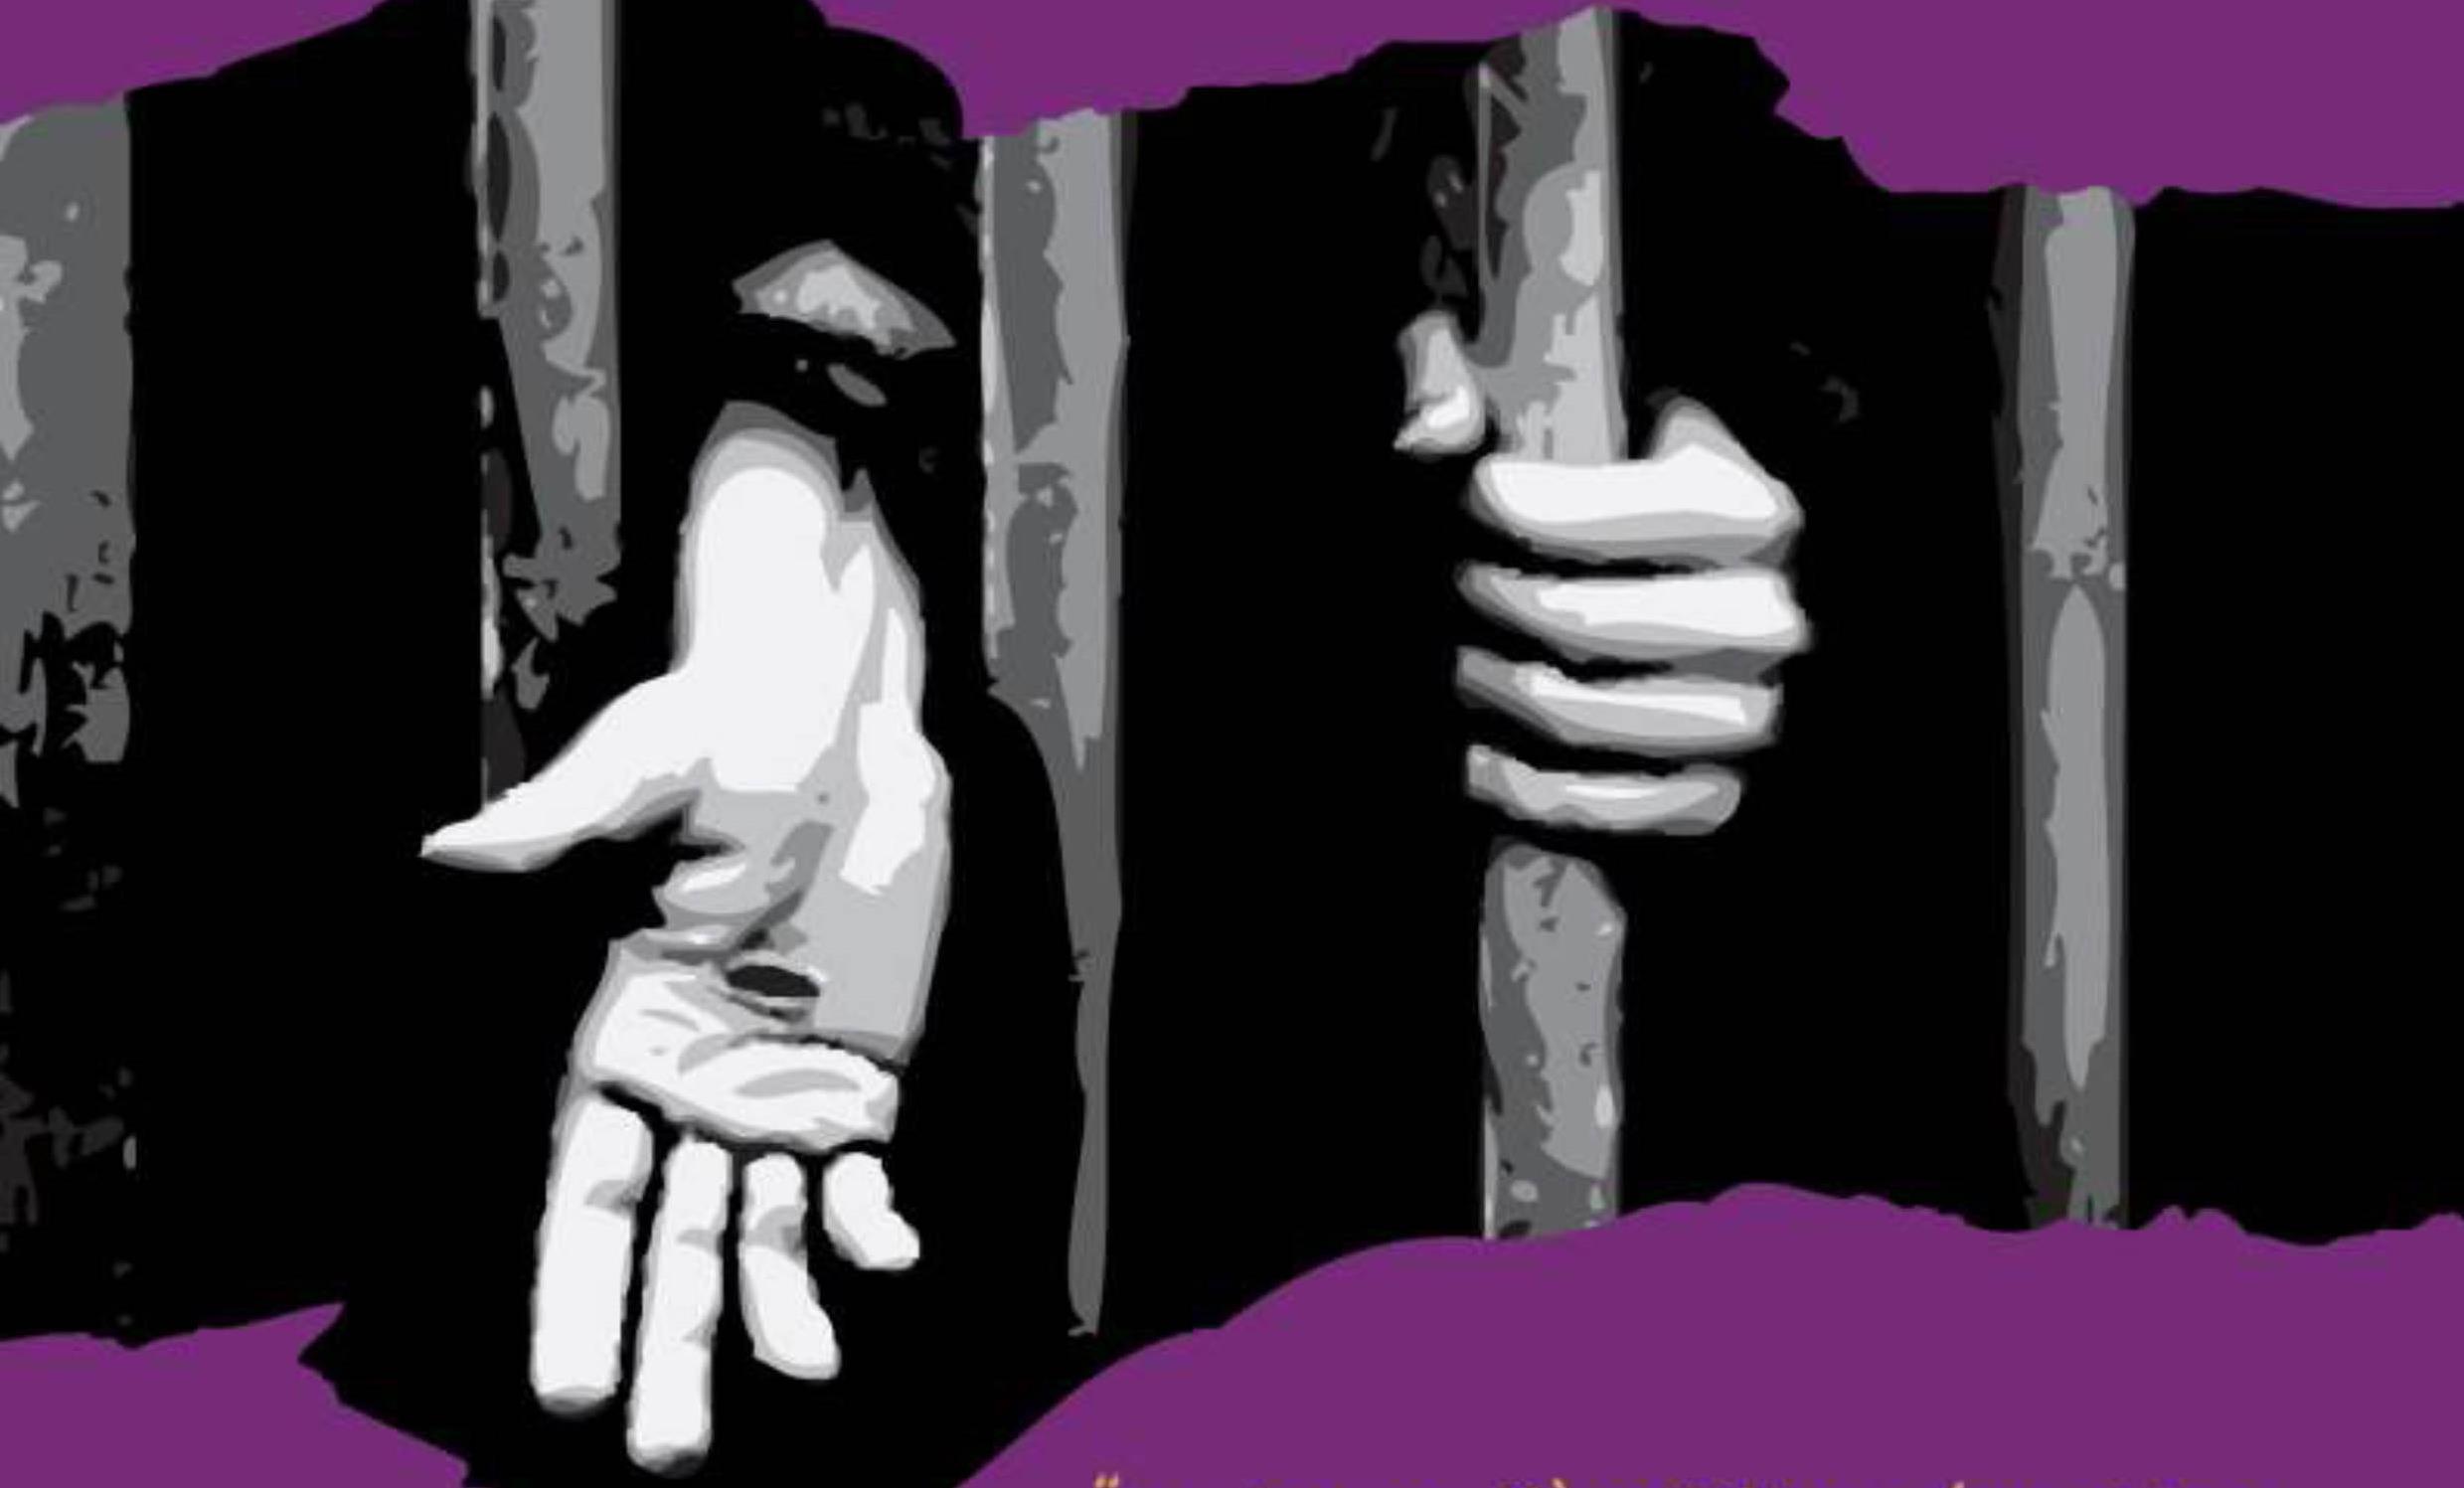 Per Gli Istituti Carcerari Della Campania: Le Parrocchie In Preghiera